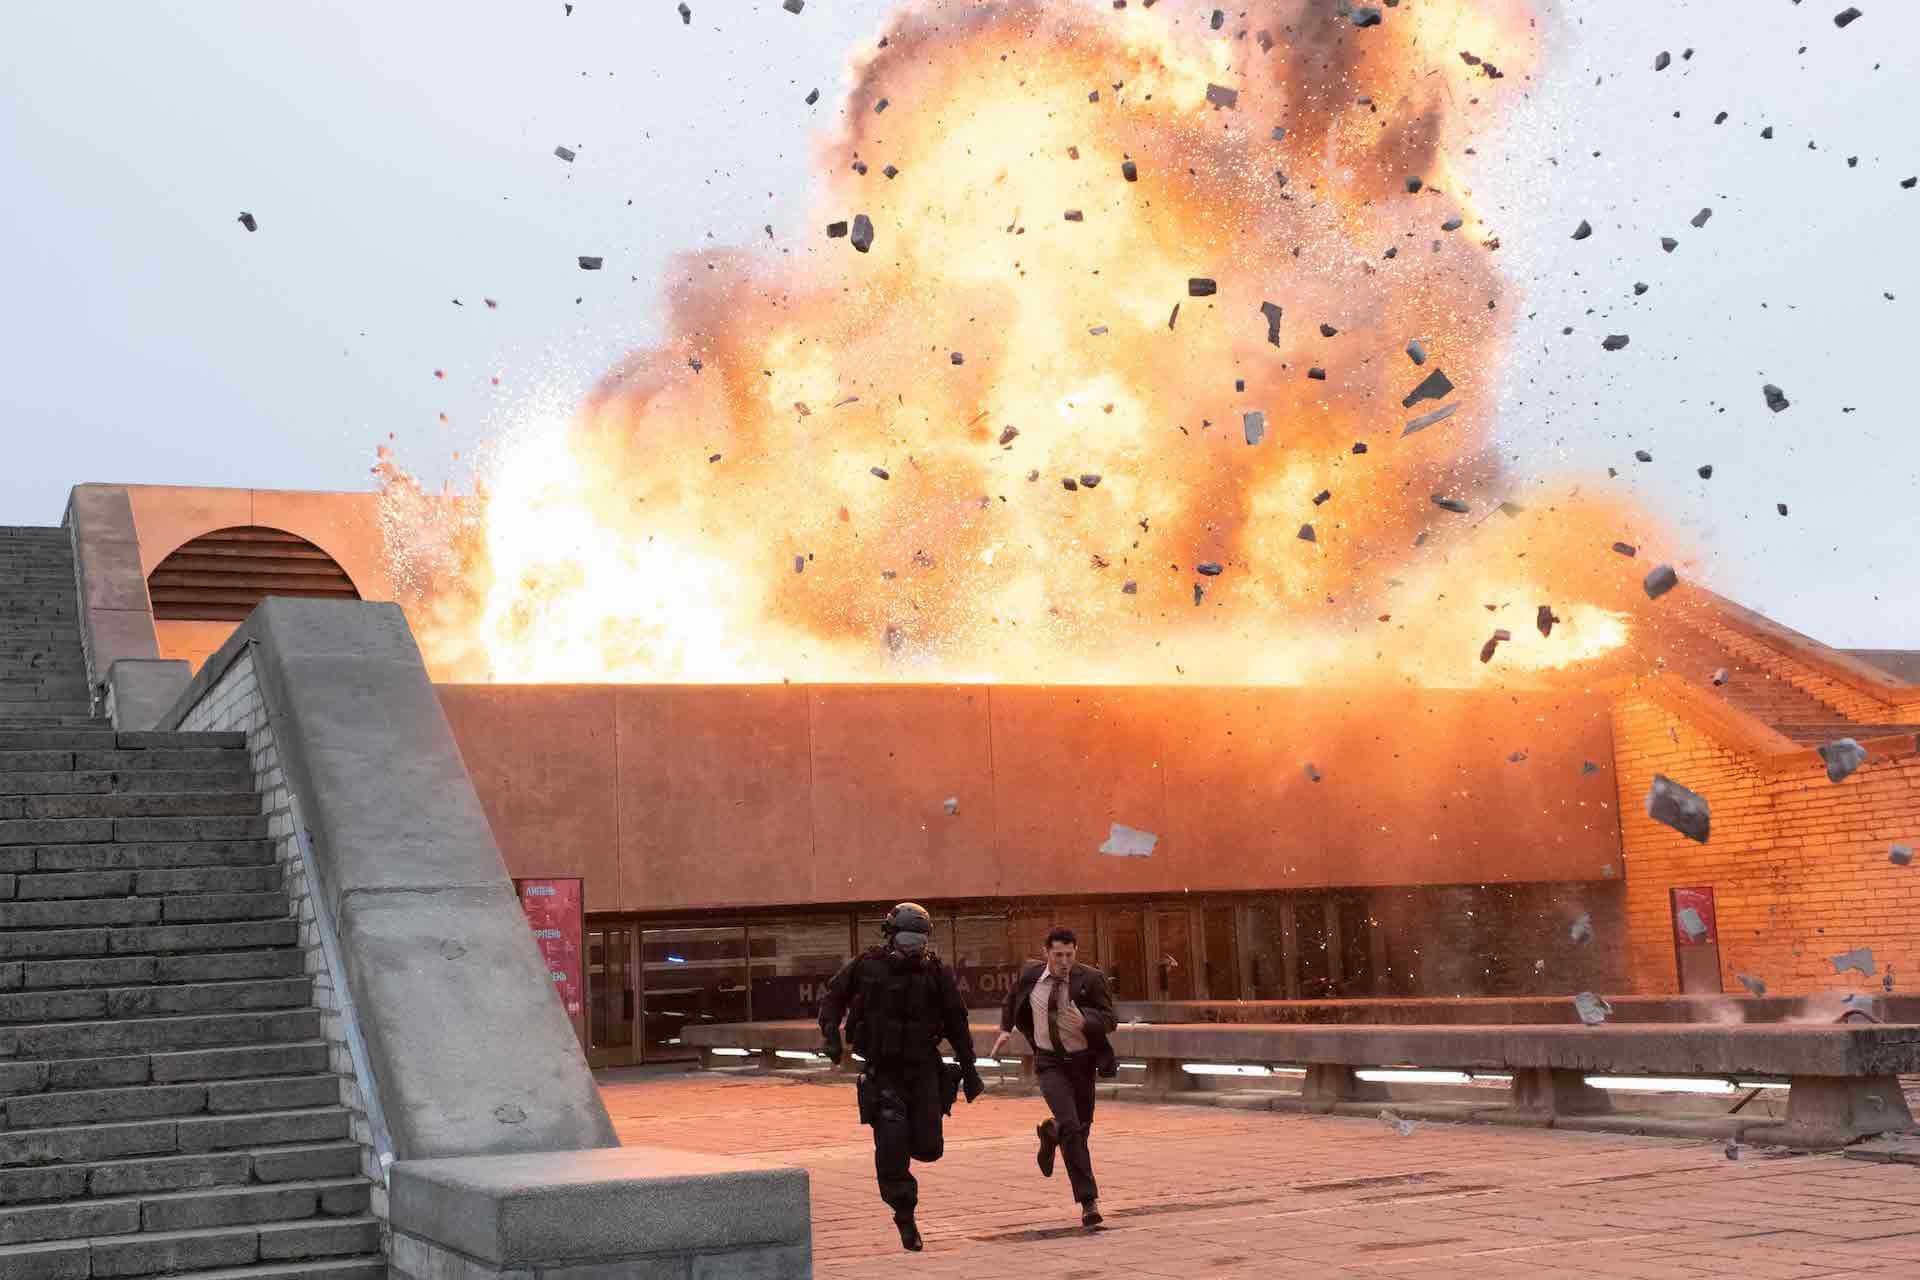 クリストファー・ノーラン最新作『TENET テネット』が「ダークナイト」シリーズ超えの興収20億円突破! film201012_tenet_2